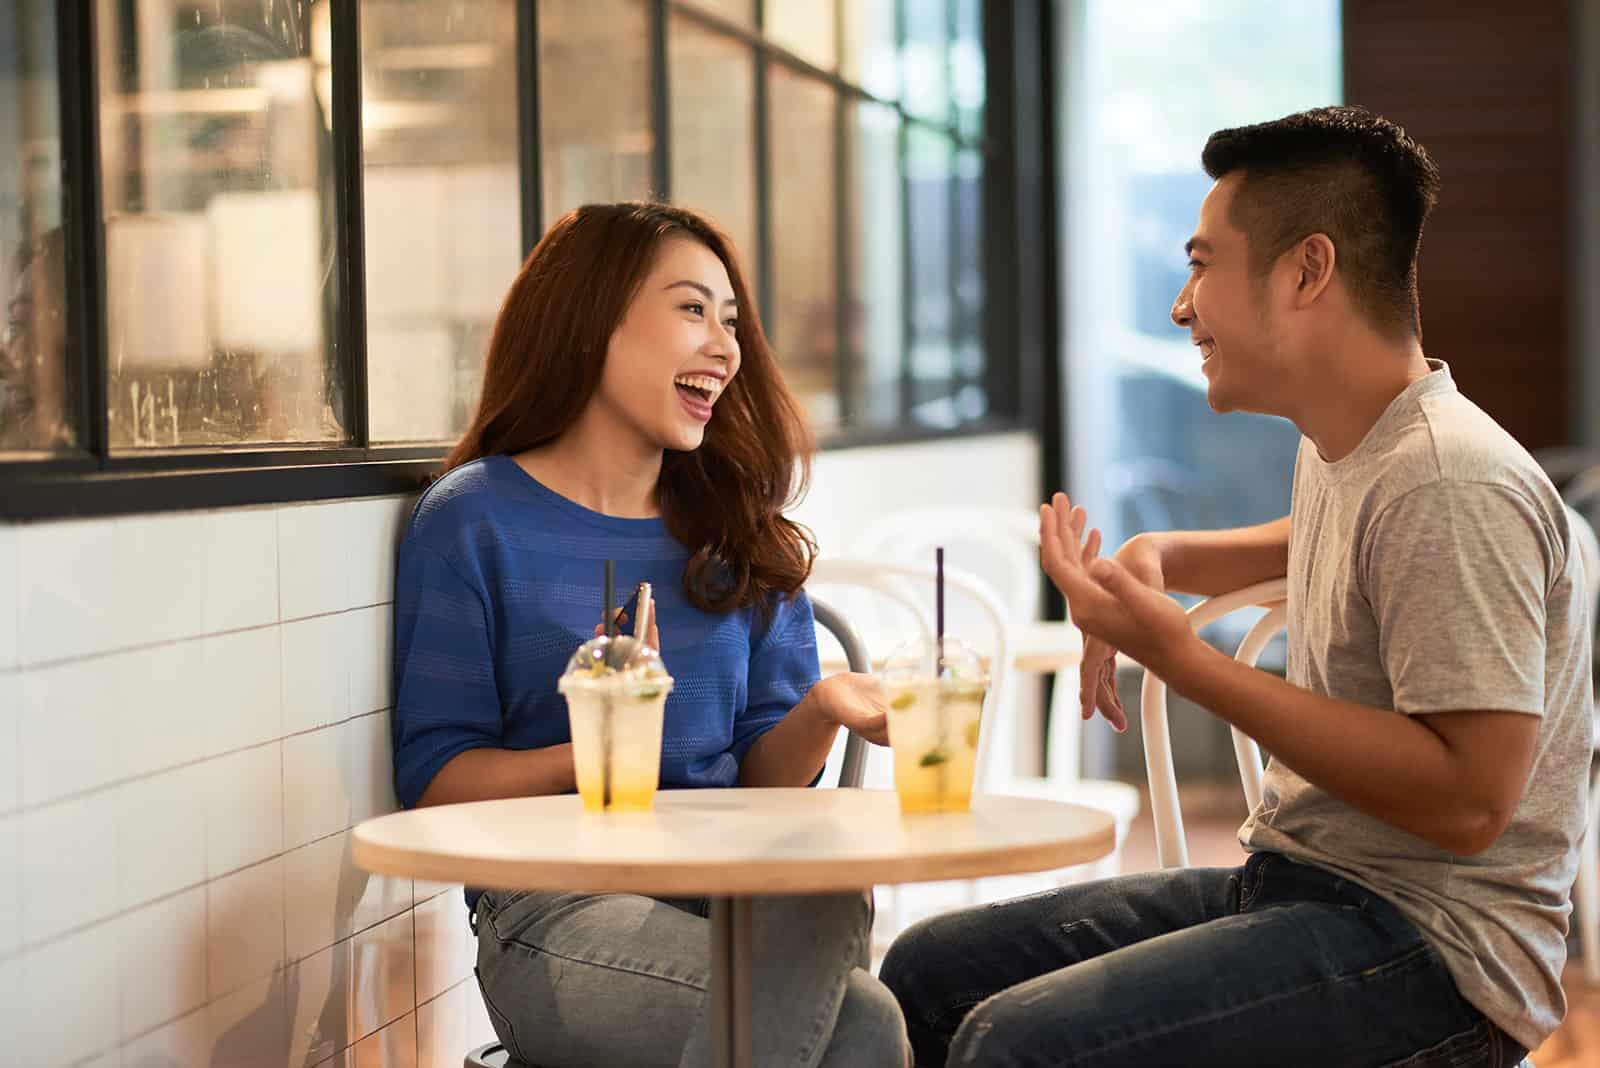 Ein lächelnder Mann und eine Frau sitzen im Café und unterhalten sich während eines Dates